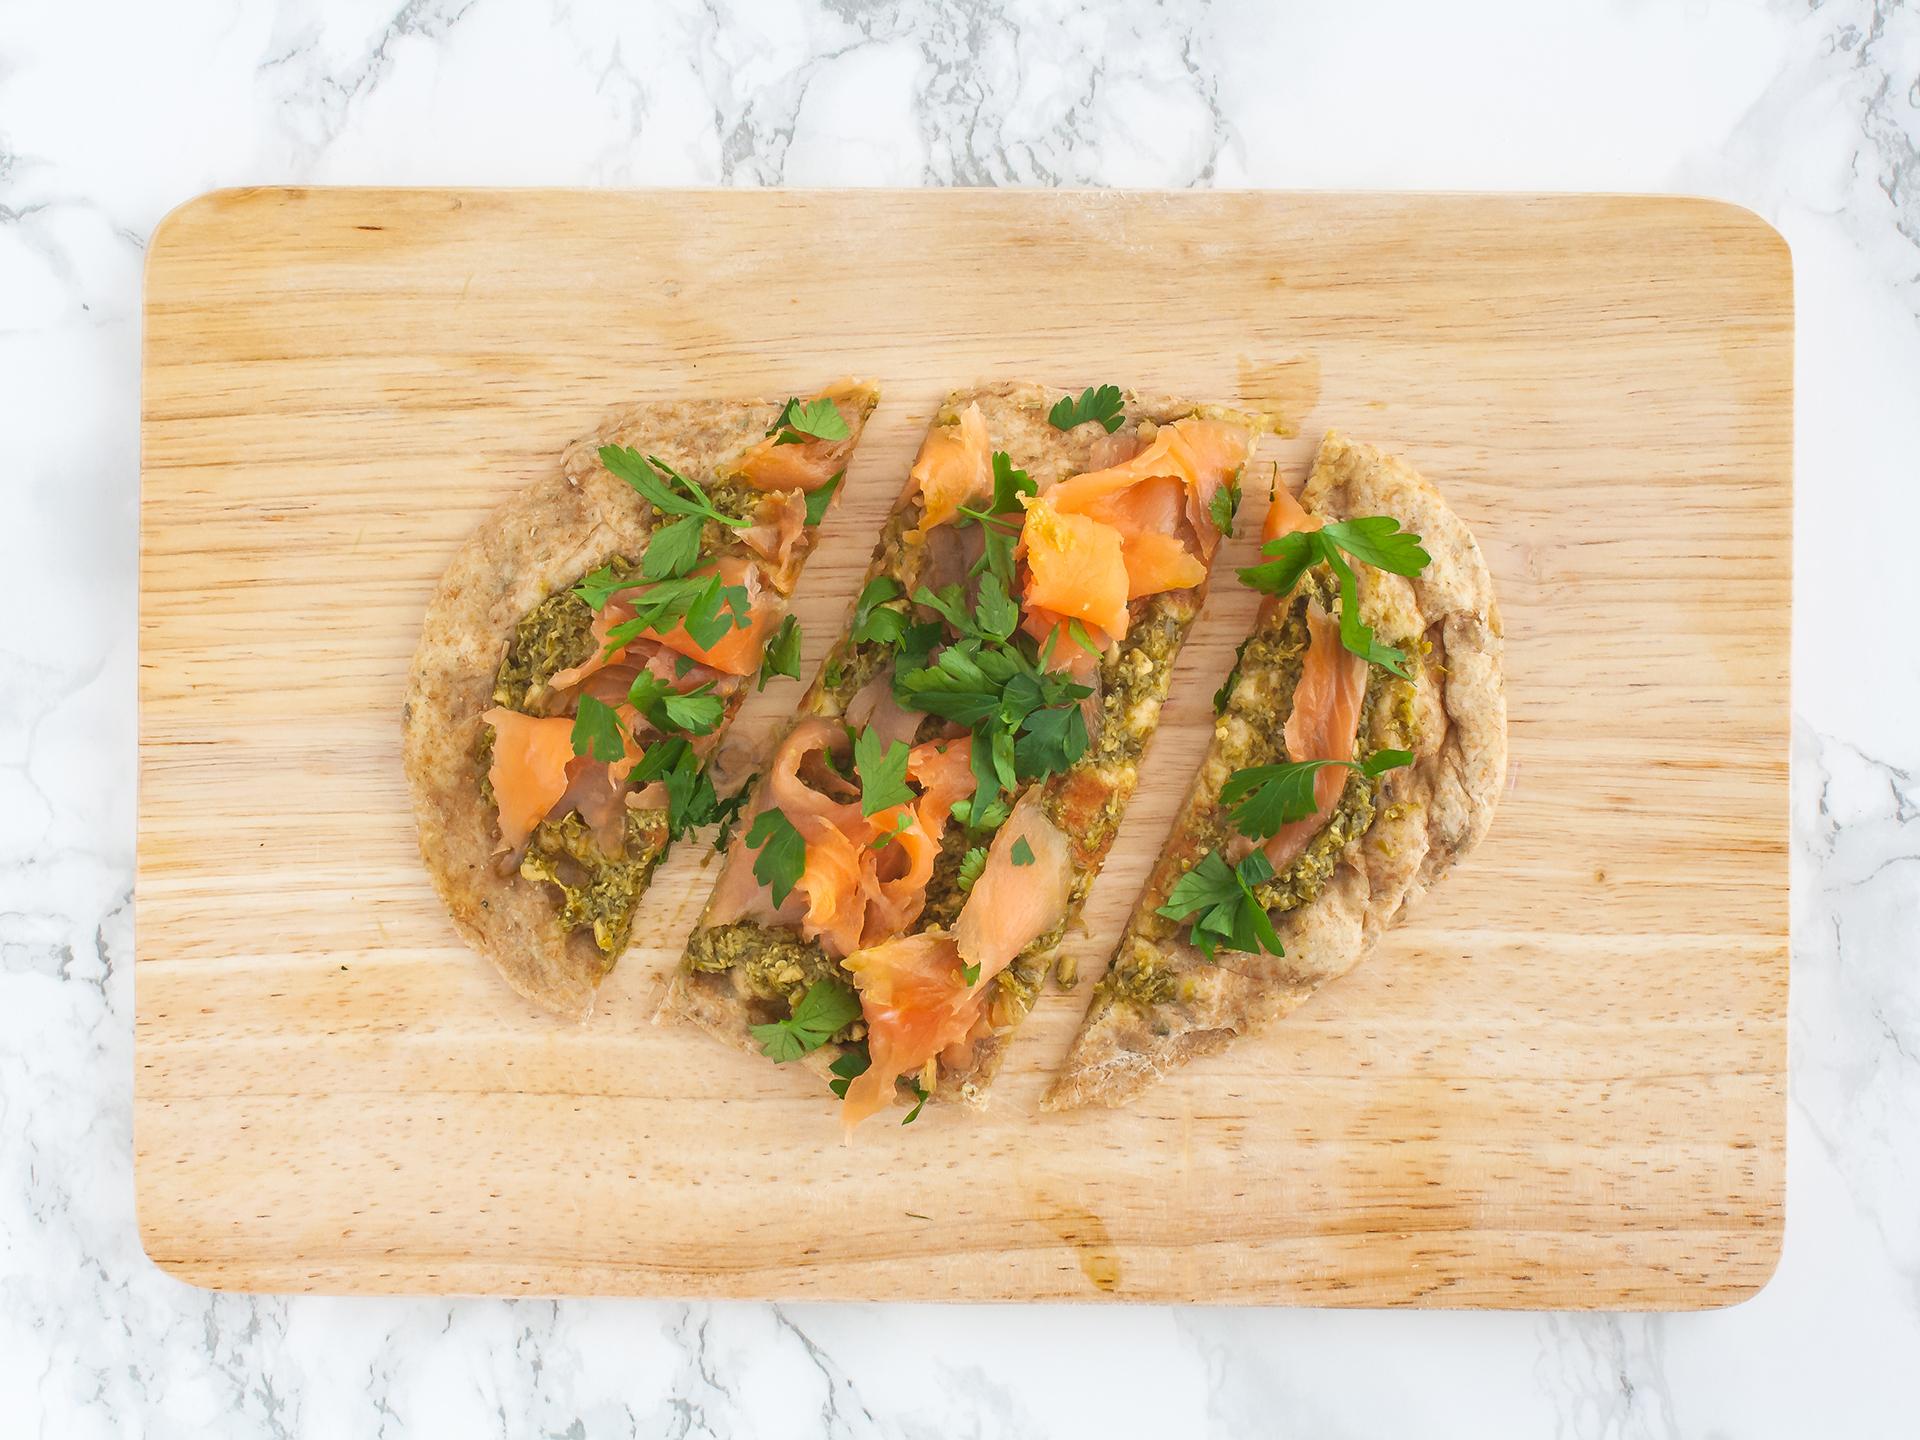 Step 4.1 of Smoked Salmon Flatbread with Pesto Recipe